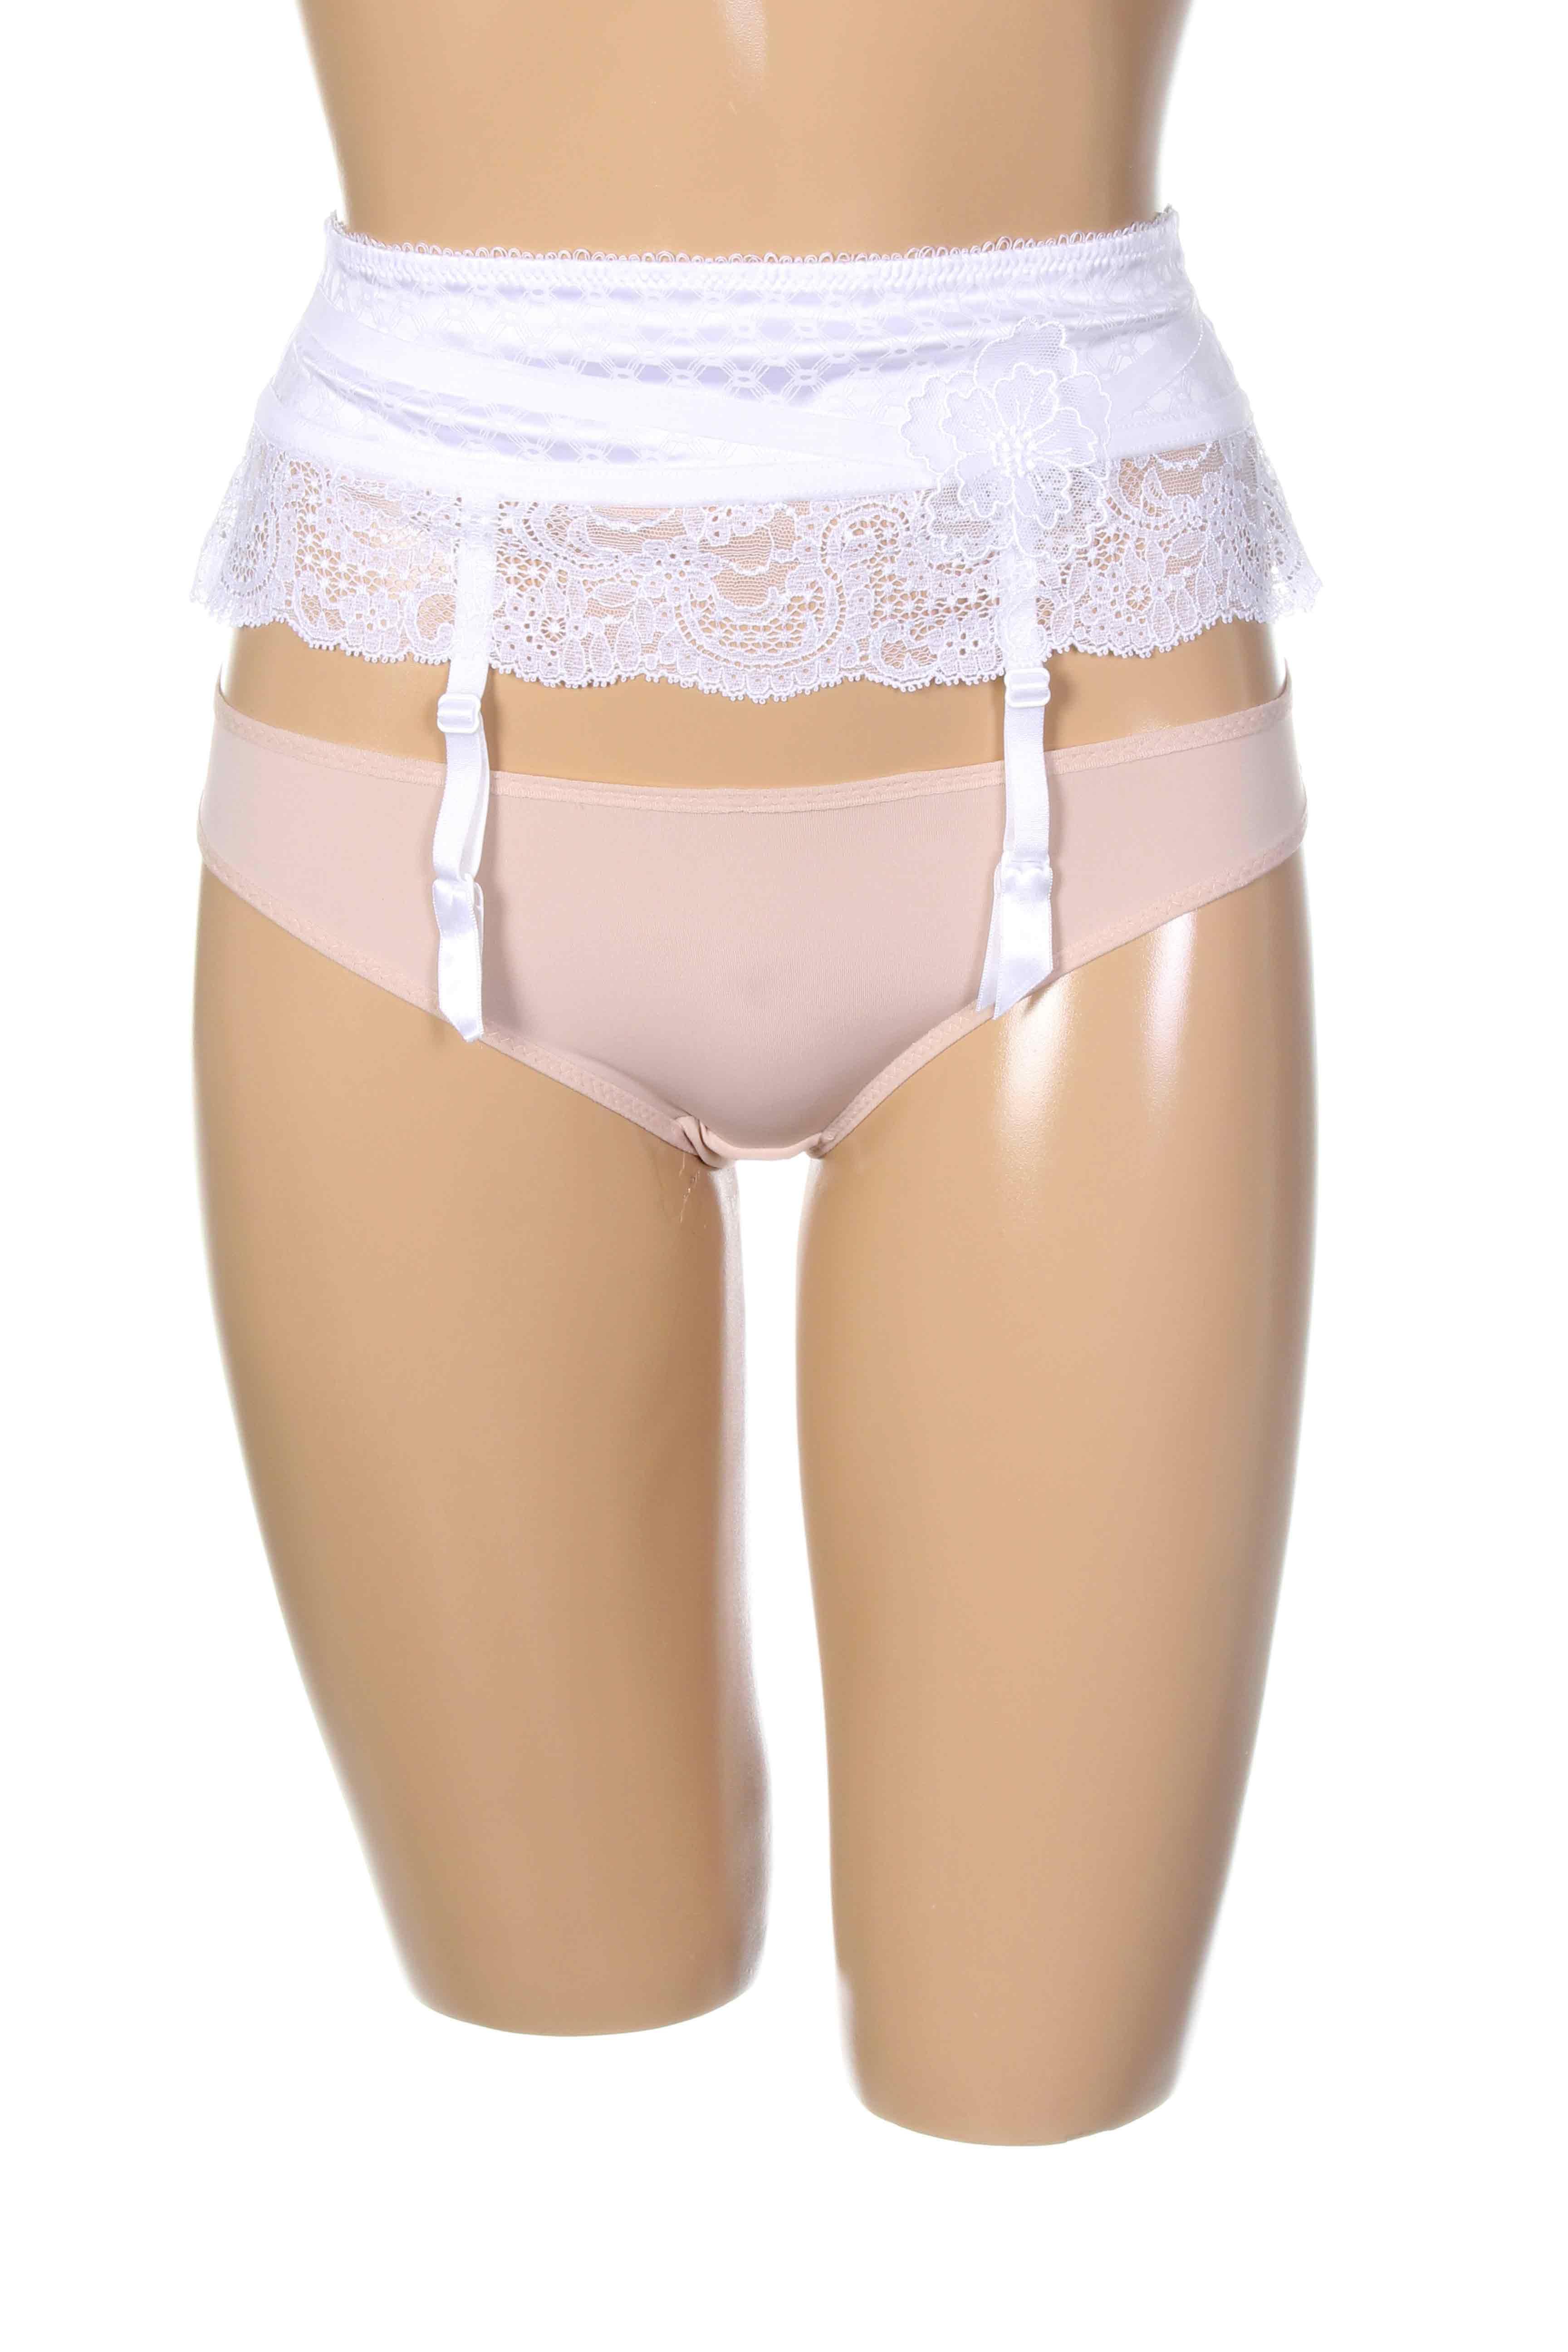 Aubade guepieres porte jarretelles femme de couleur blanc - Photos de femmes en porte jarretelles ...